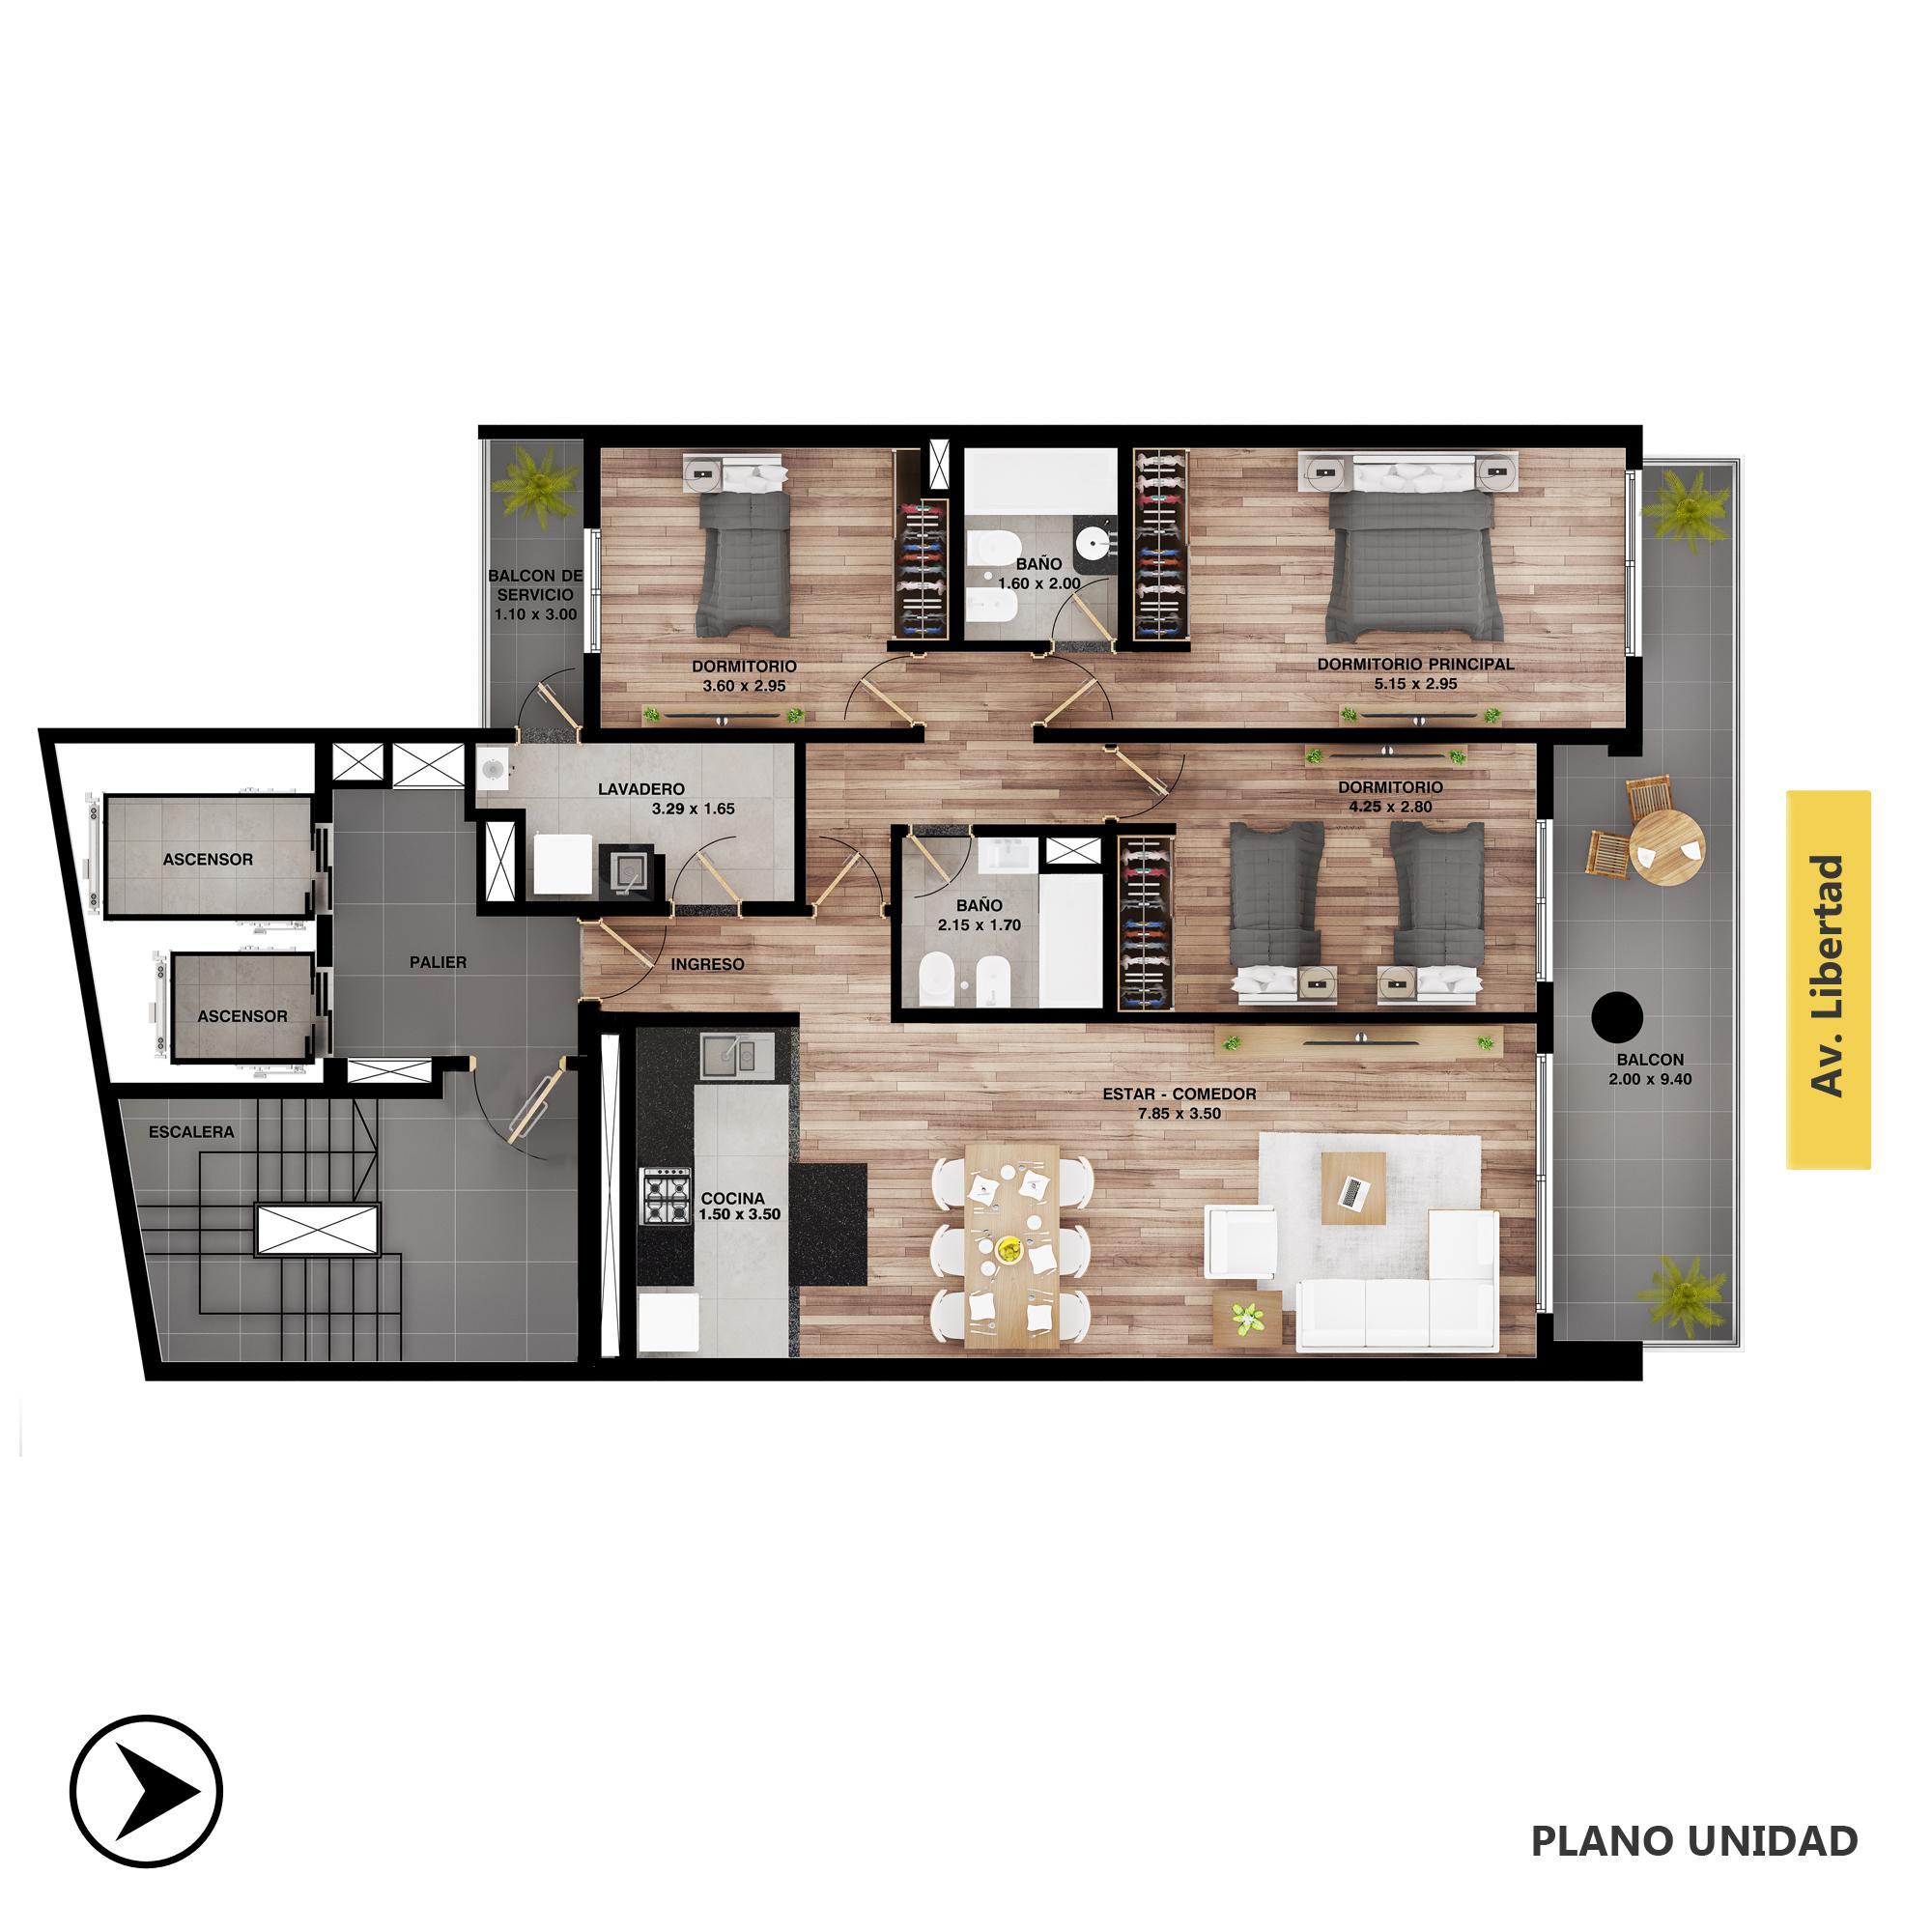 Venta departamento 3+ dormitorios Rosario, Centro. Cod CBU20816 AP2039398. Crestale Propiedades